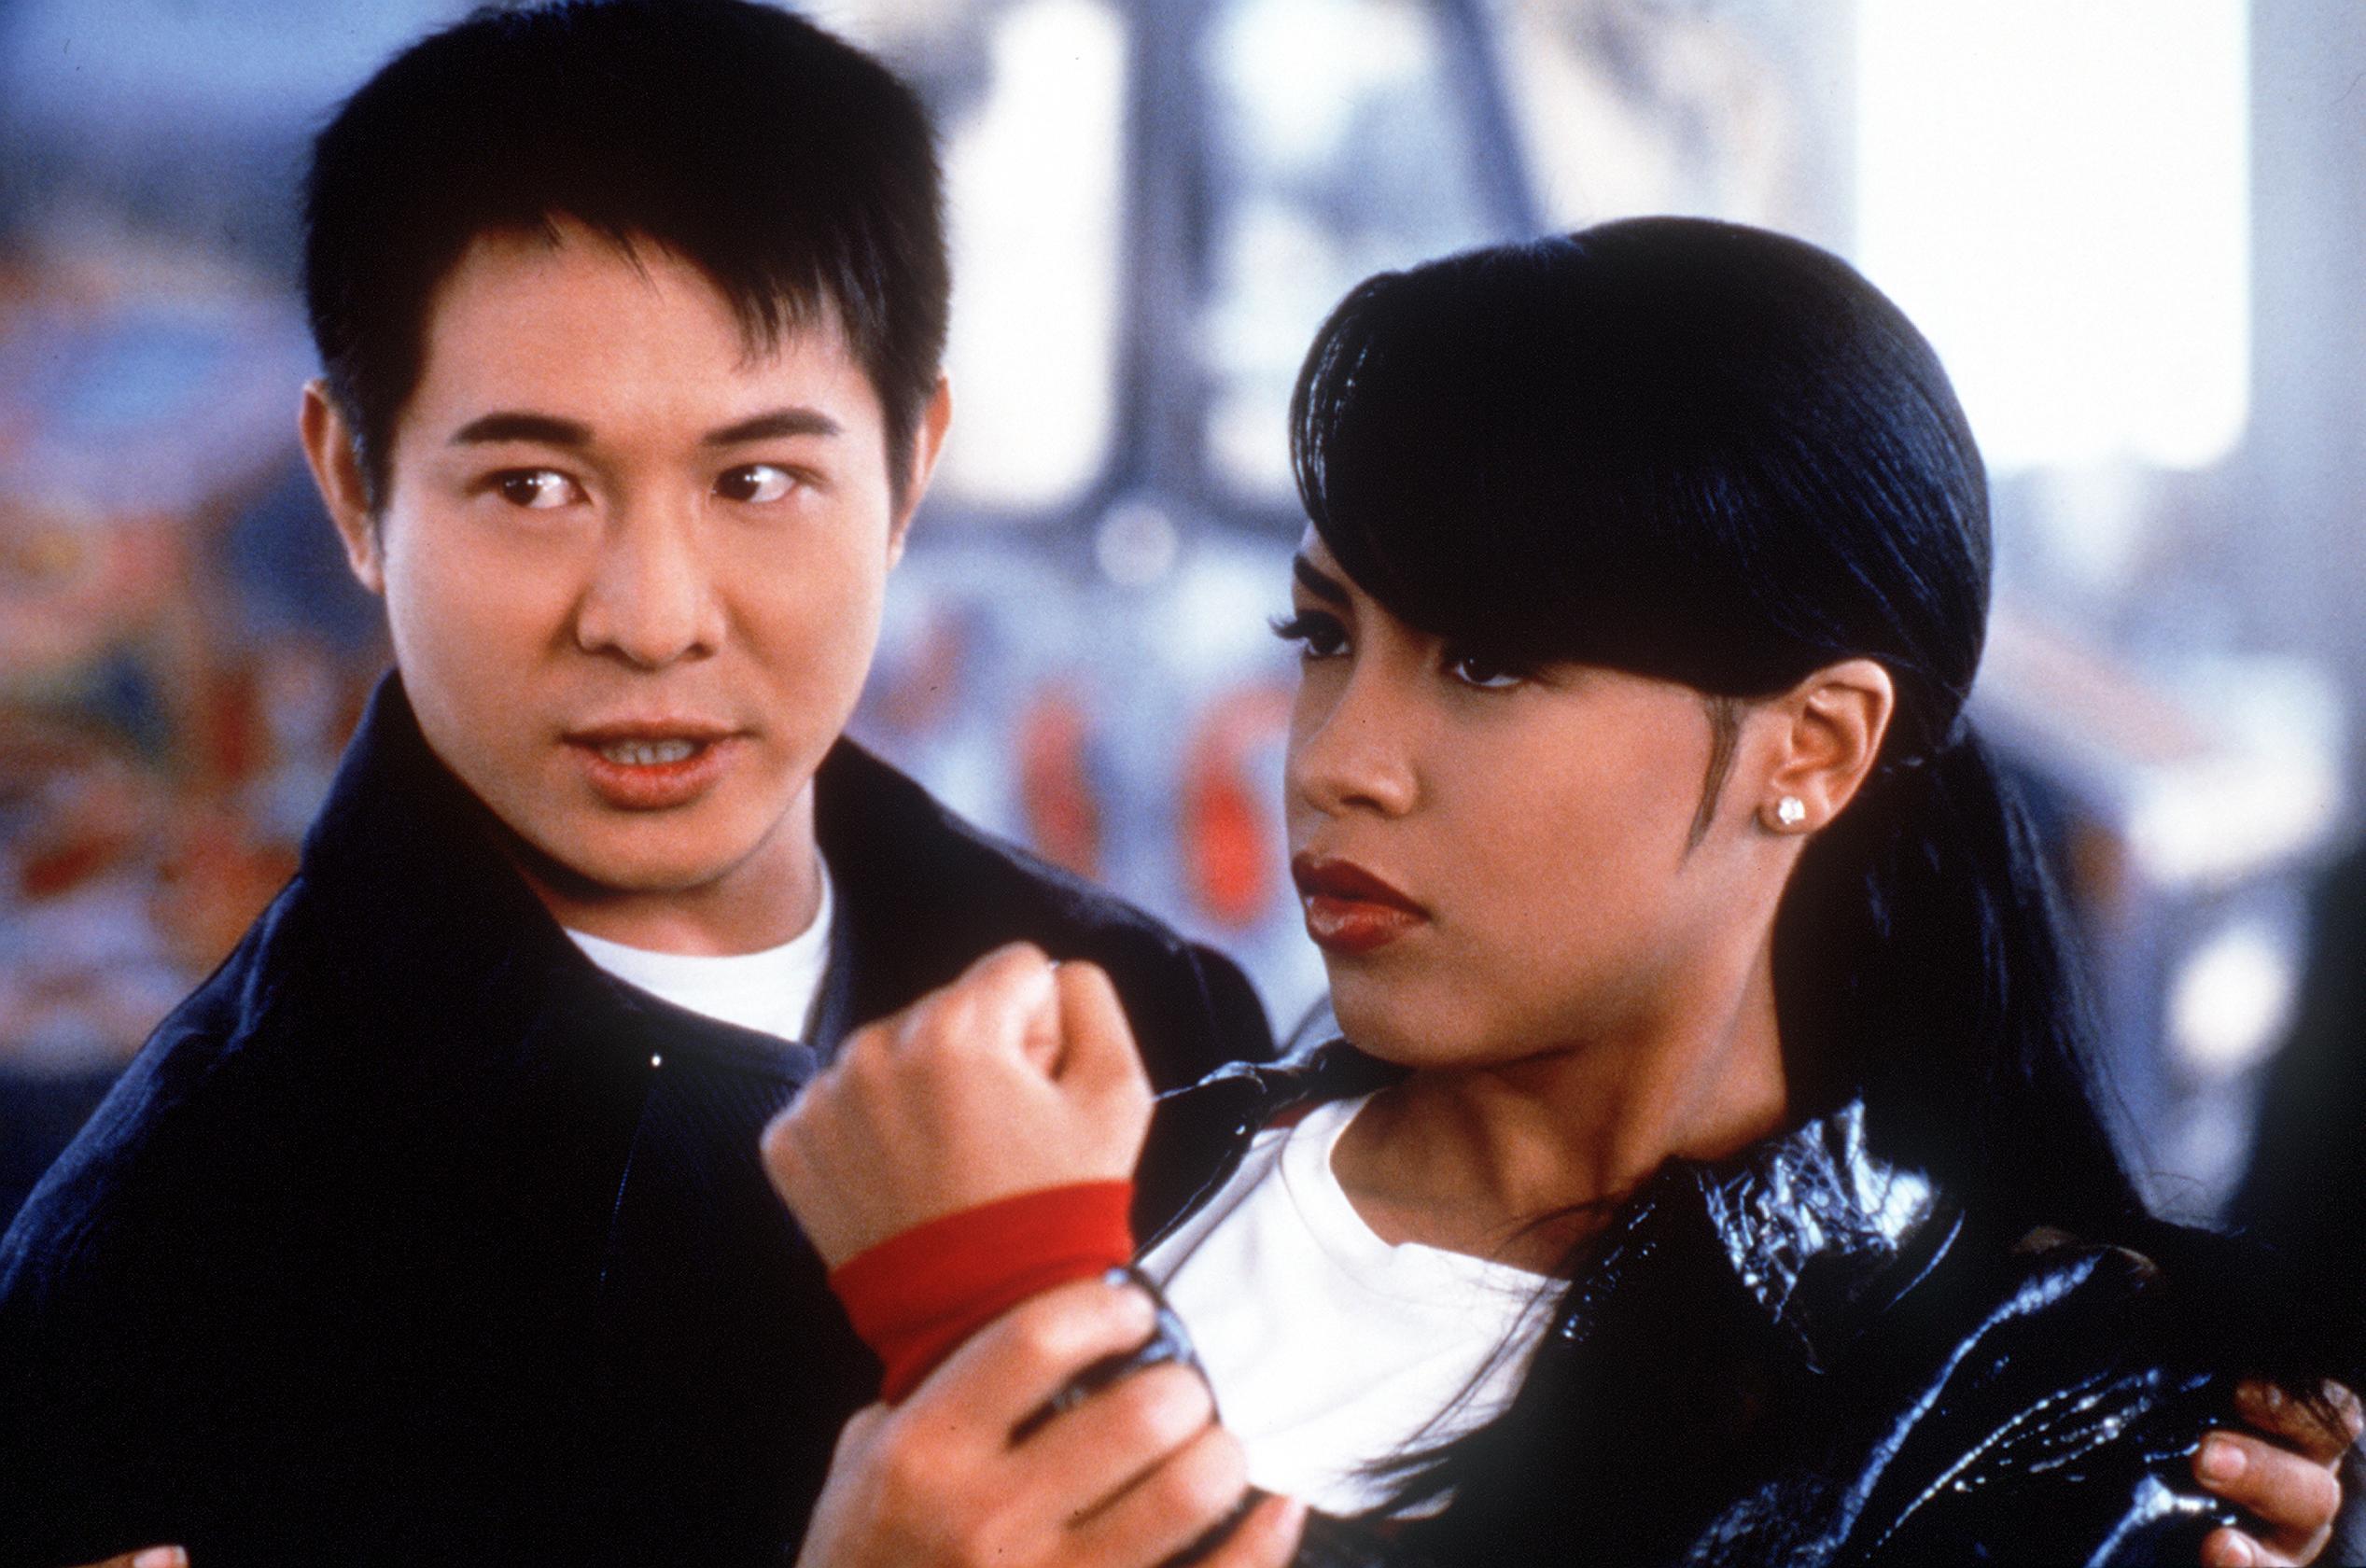 Jet Li and Aaliyah star in 'Romeo Must Die.'